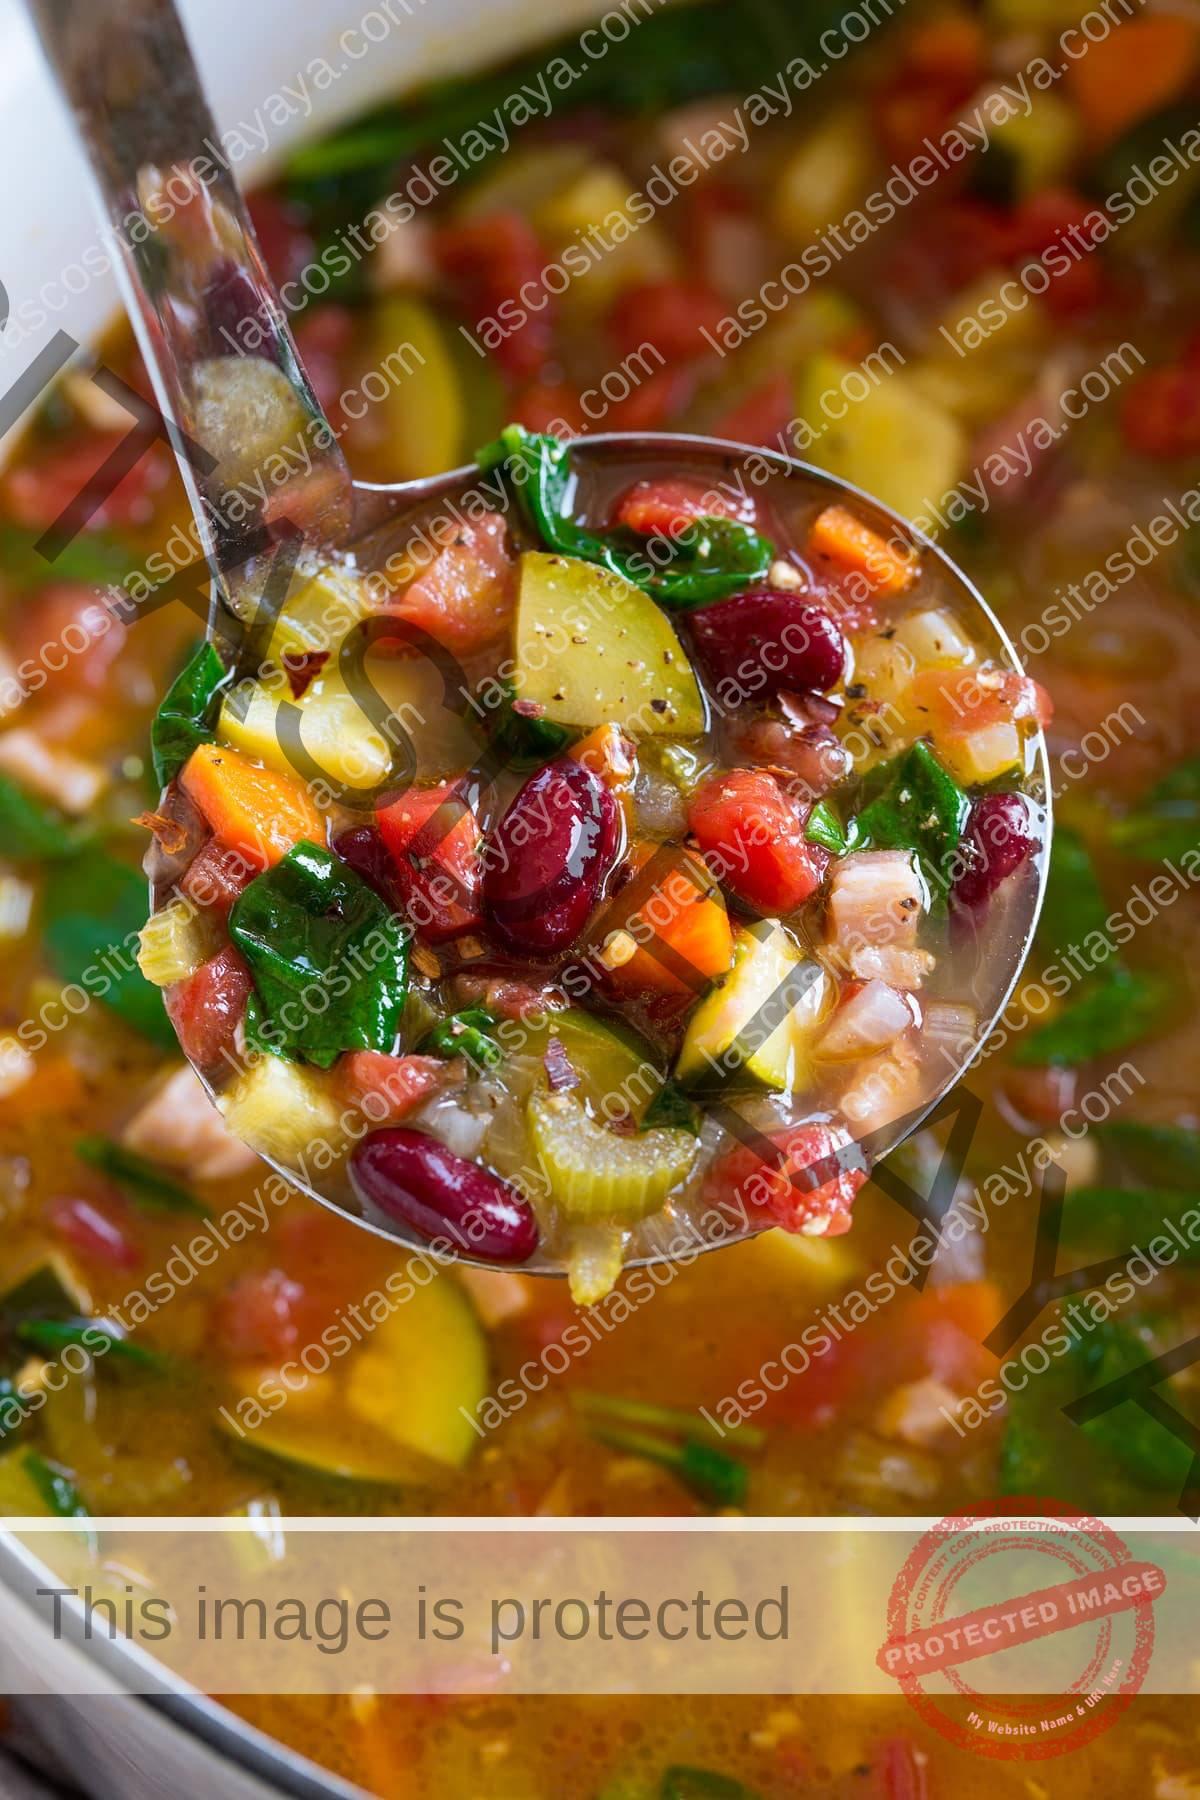 Cerrar imagen de un cucharón lleno de sopa minestrone.